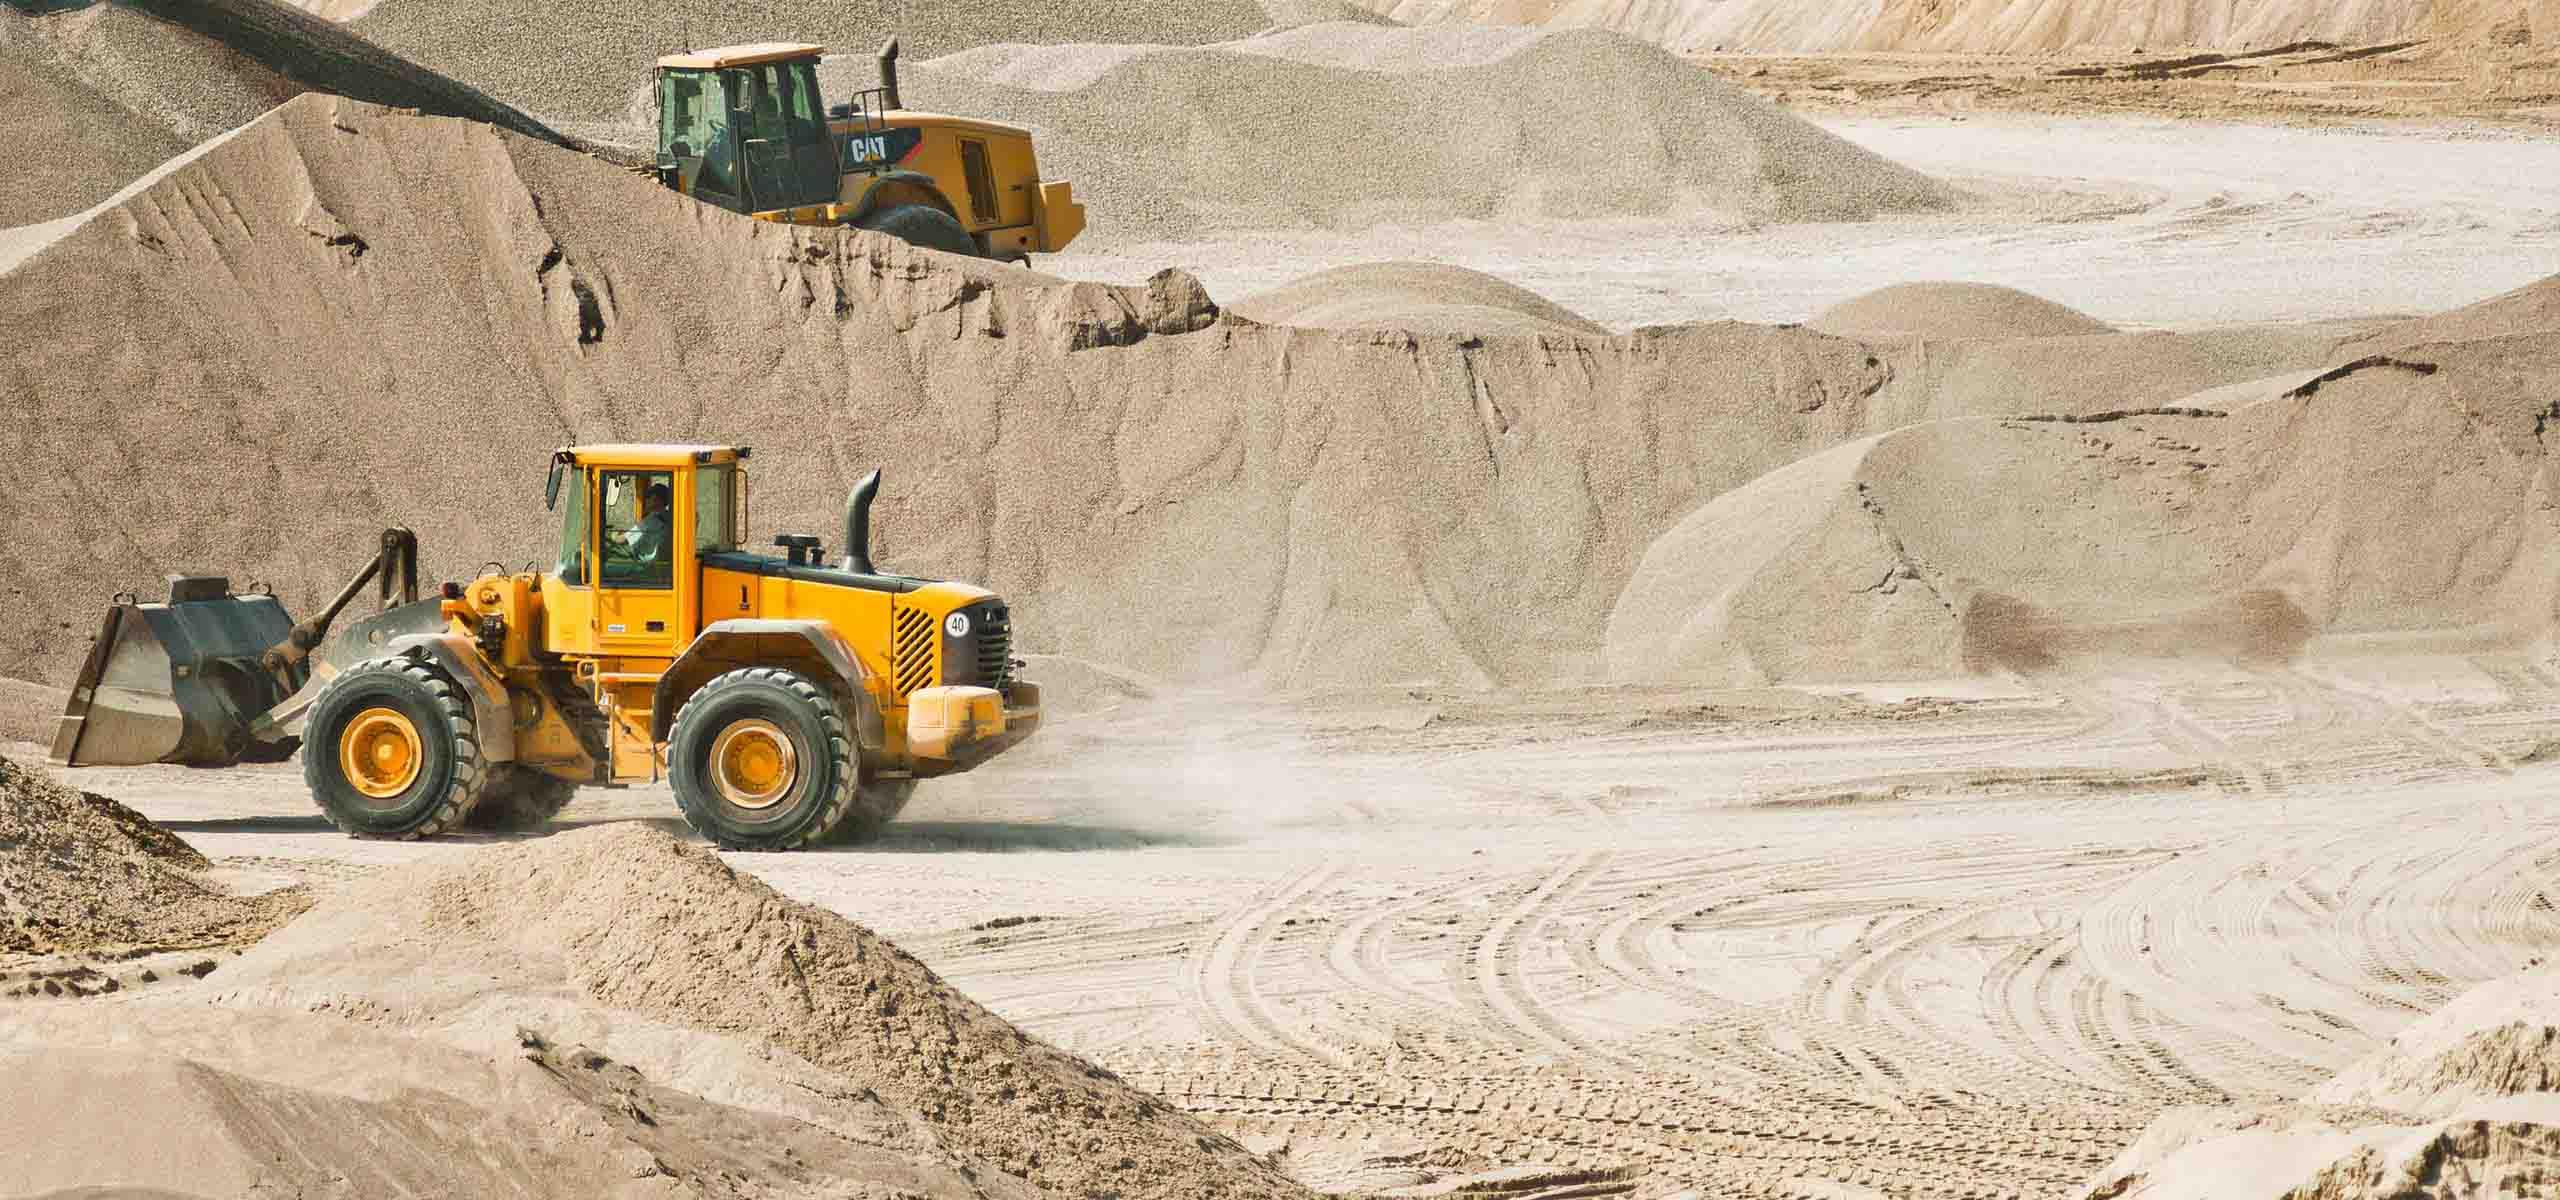 Доставка речного песка Ижевск строительная компания счастье Ижевск